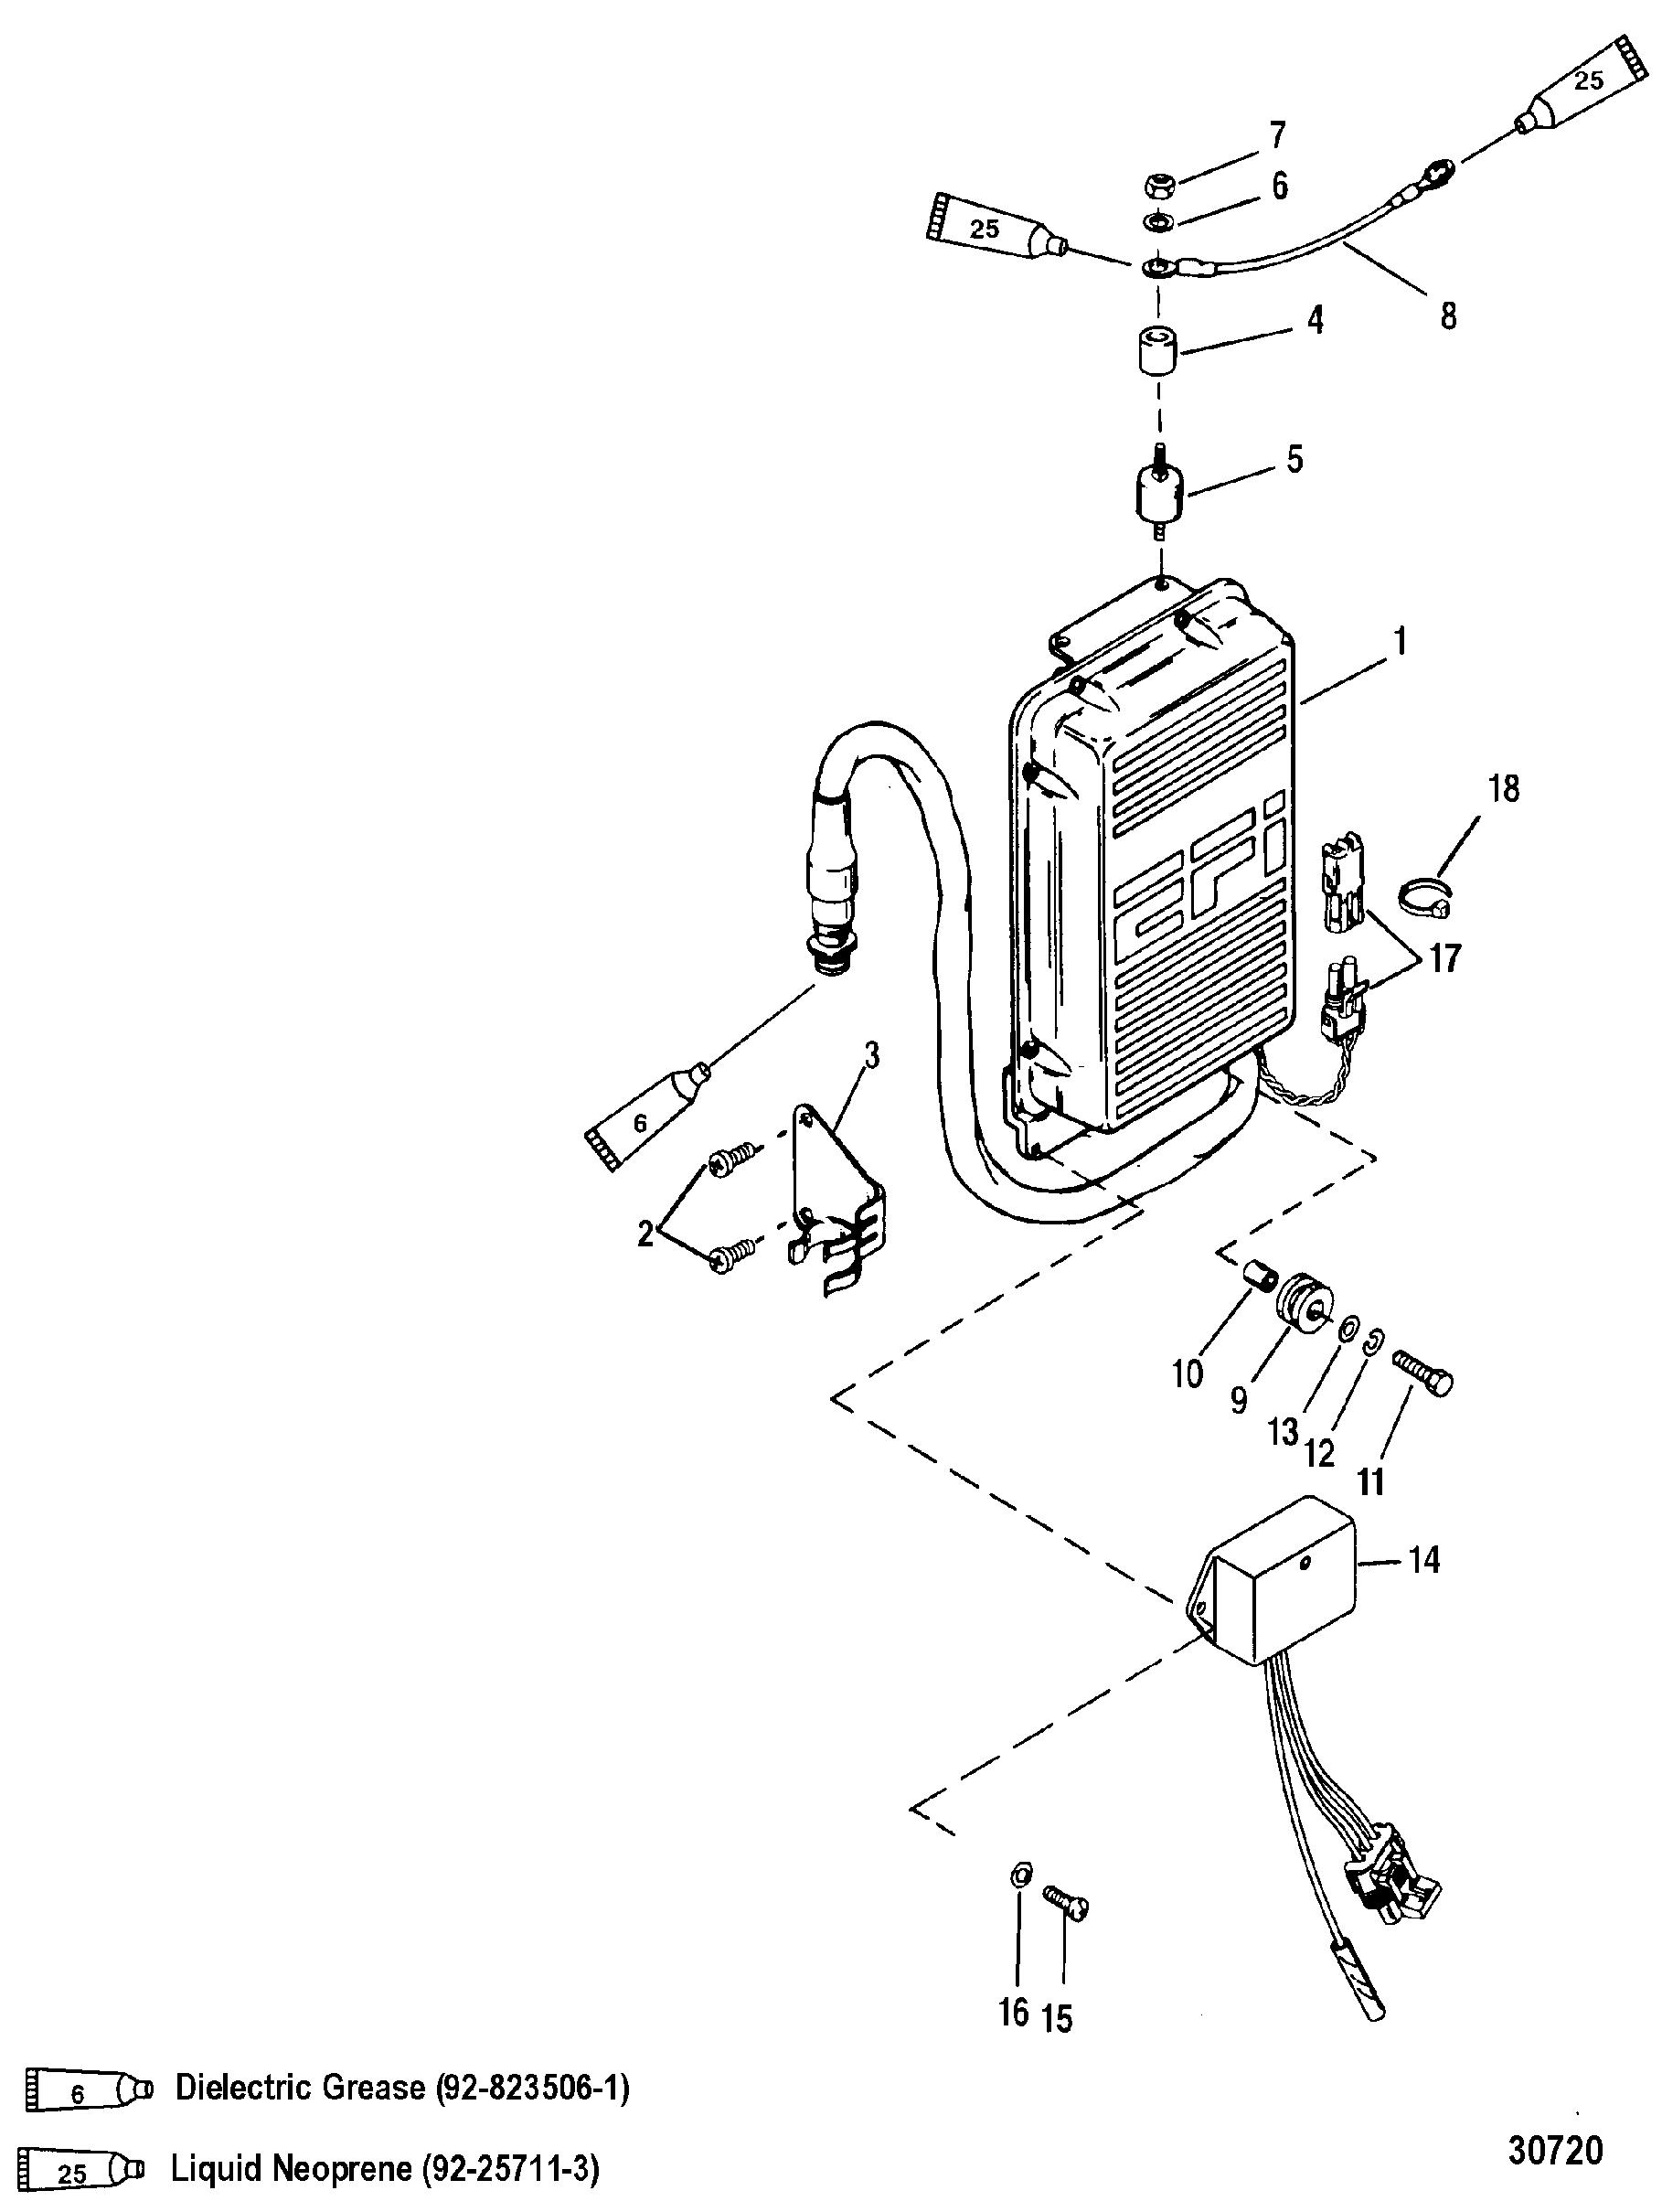 Mercury V 150 Efi 0g960500 Thru Diagram Of 8 2 Cyl2strokeinternational Outboard Ecu Assembly